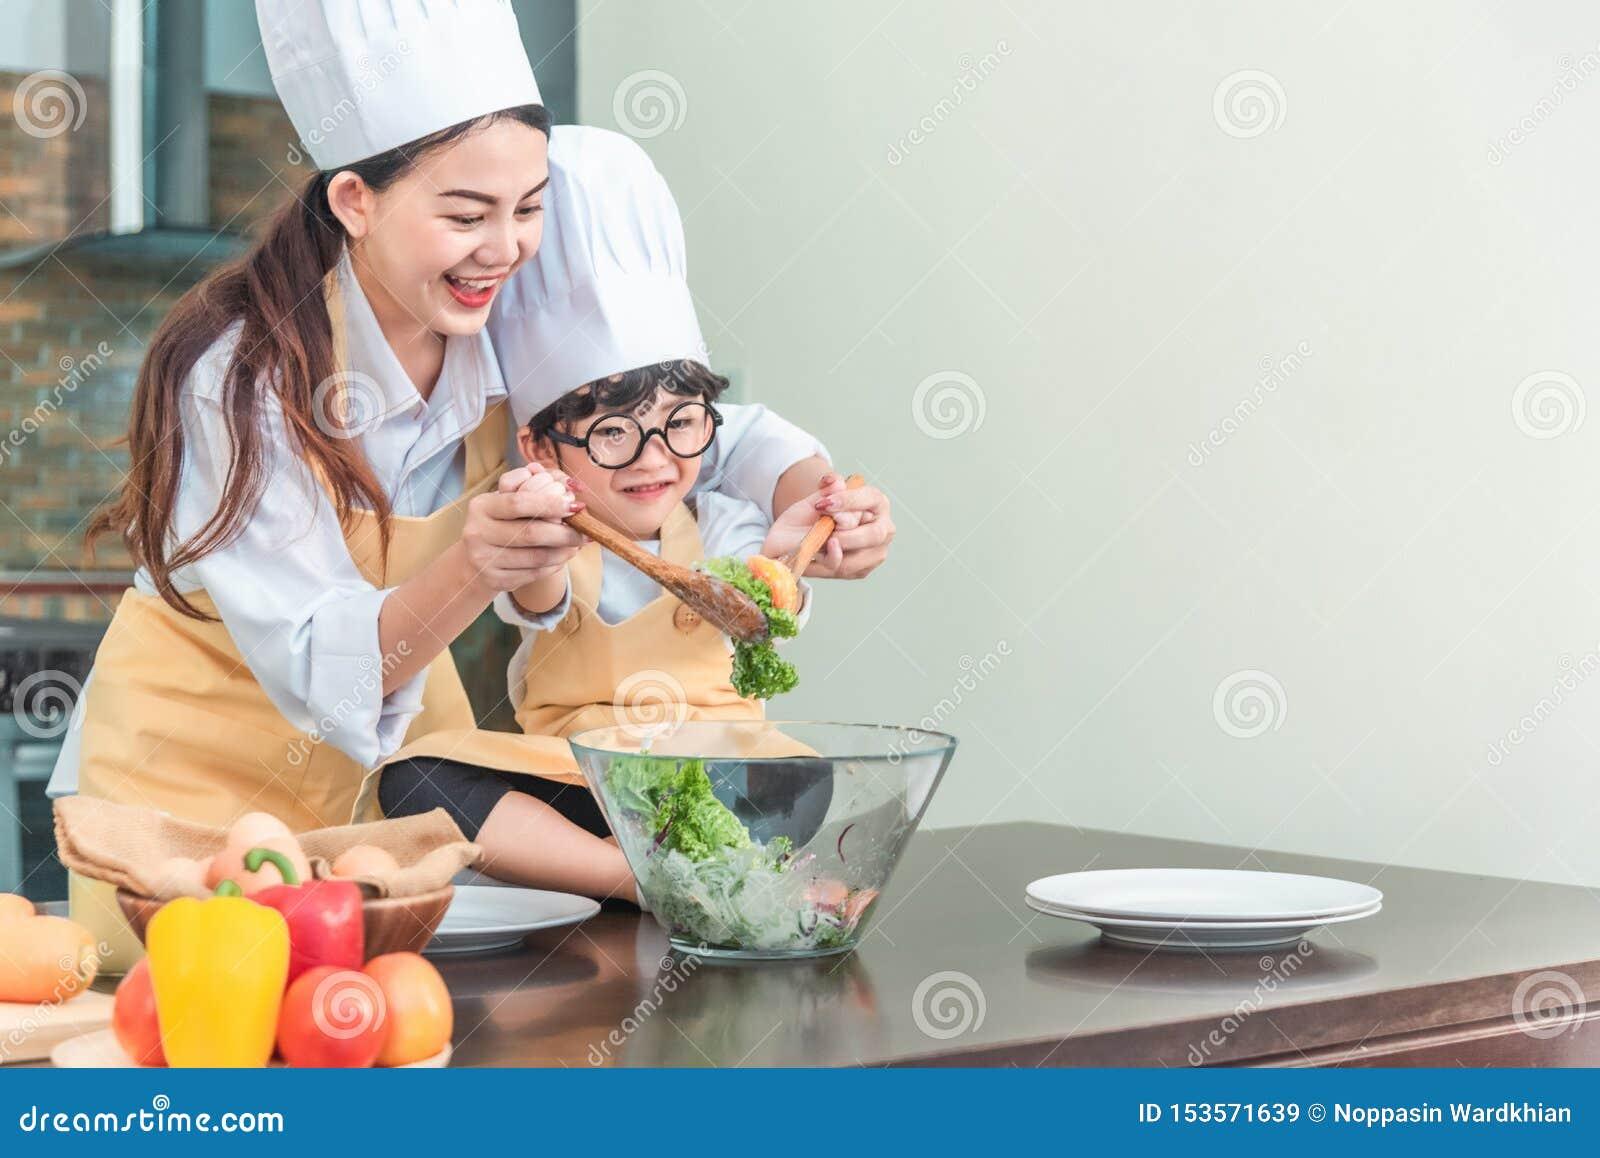 Ευτυχής οικογένεια στην κουζίνα κόρη μητέρων και παιδιών που προετοιμάζει τη ζύμη, σαλάτα